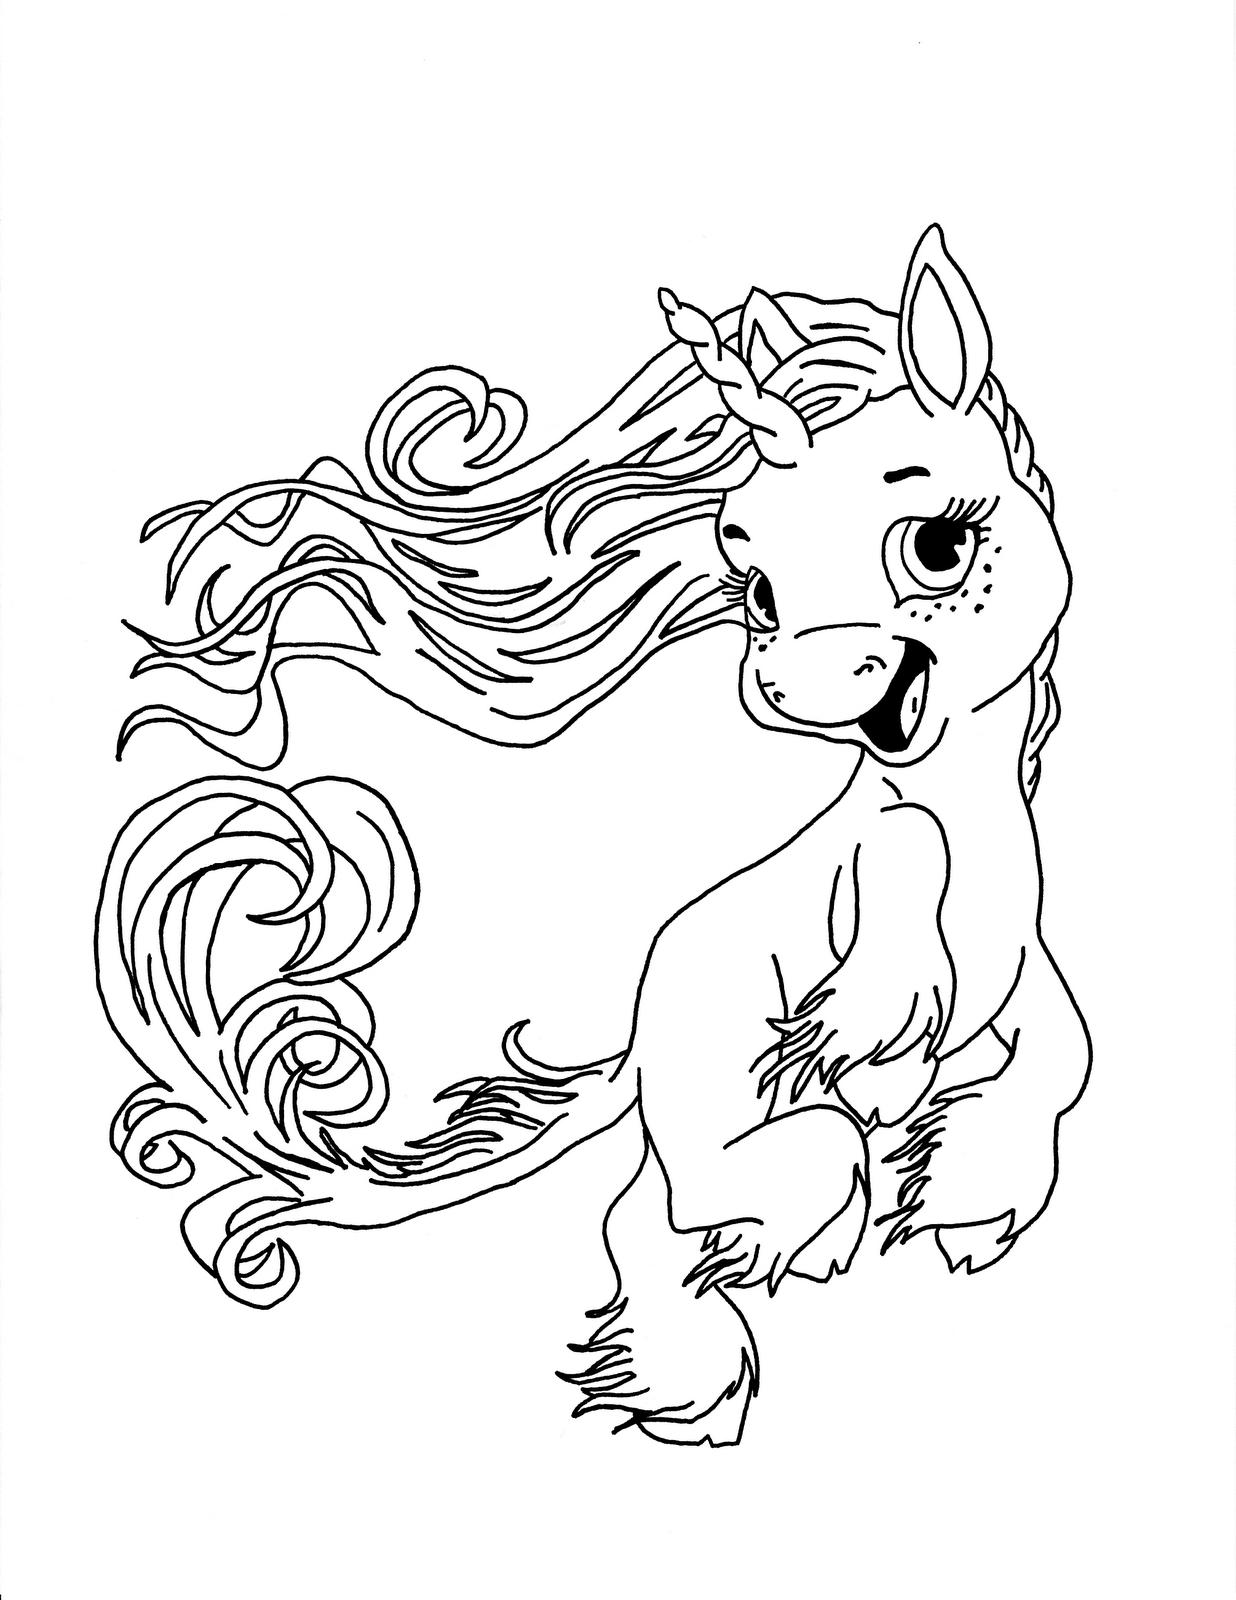 Disegni Pucciosi Da Colorare Disegni Di Unicorni E Unicorni